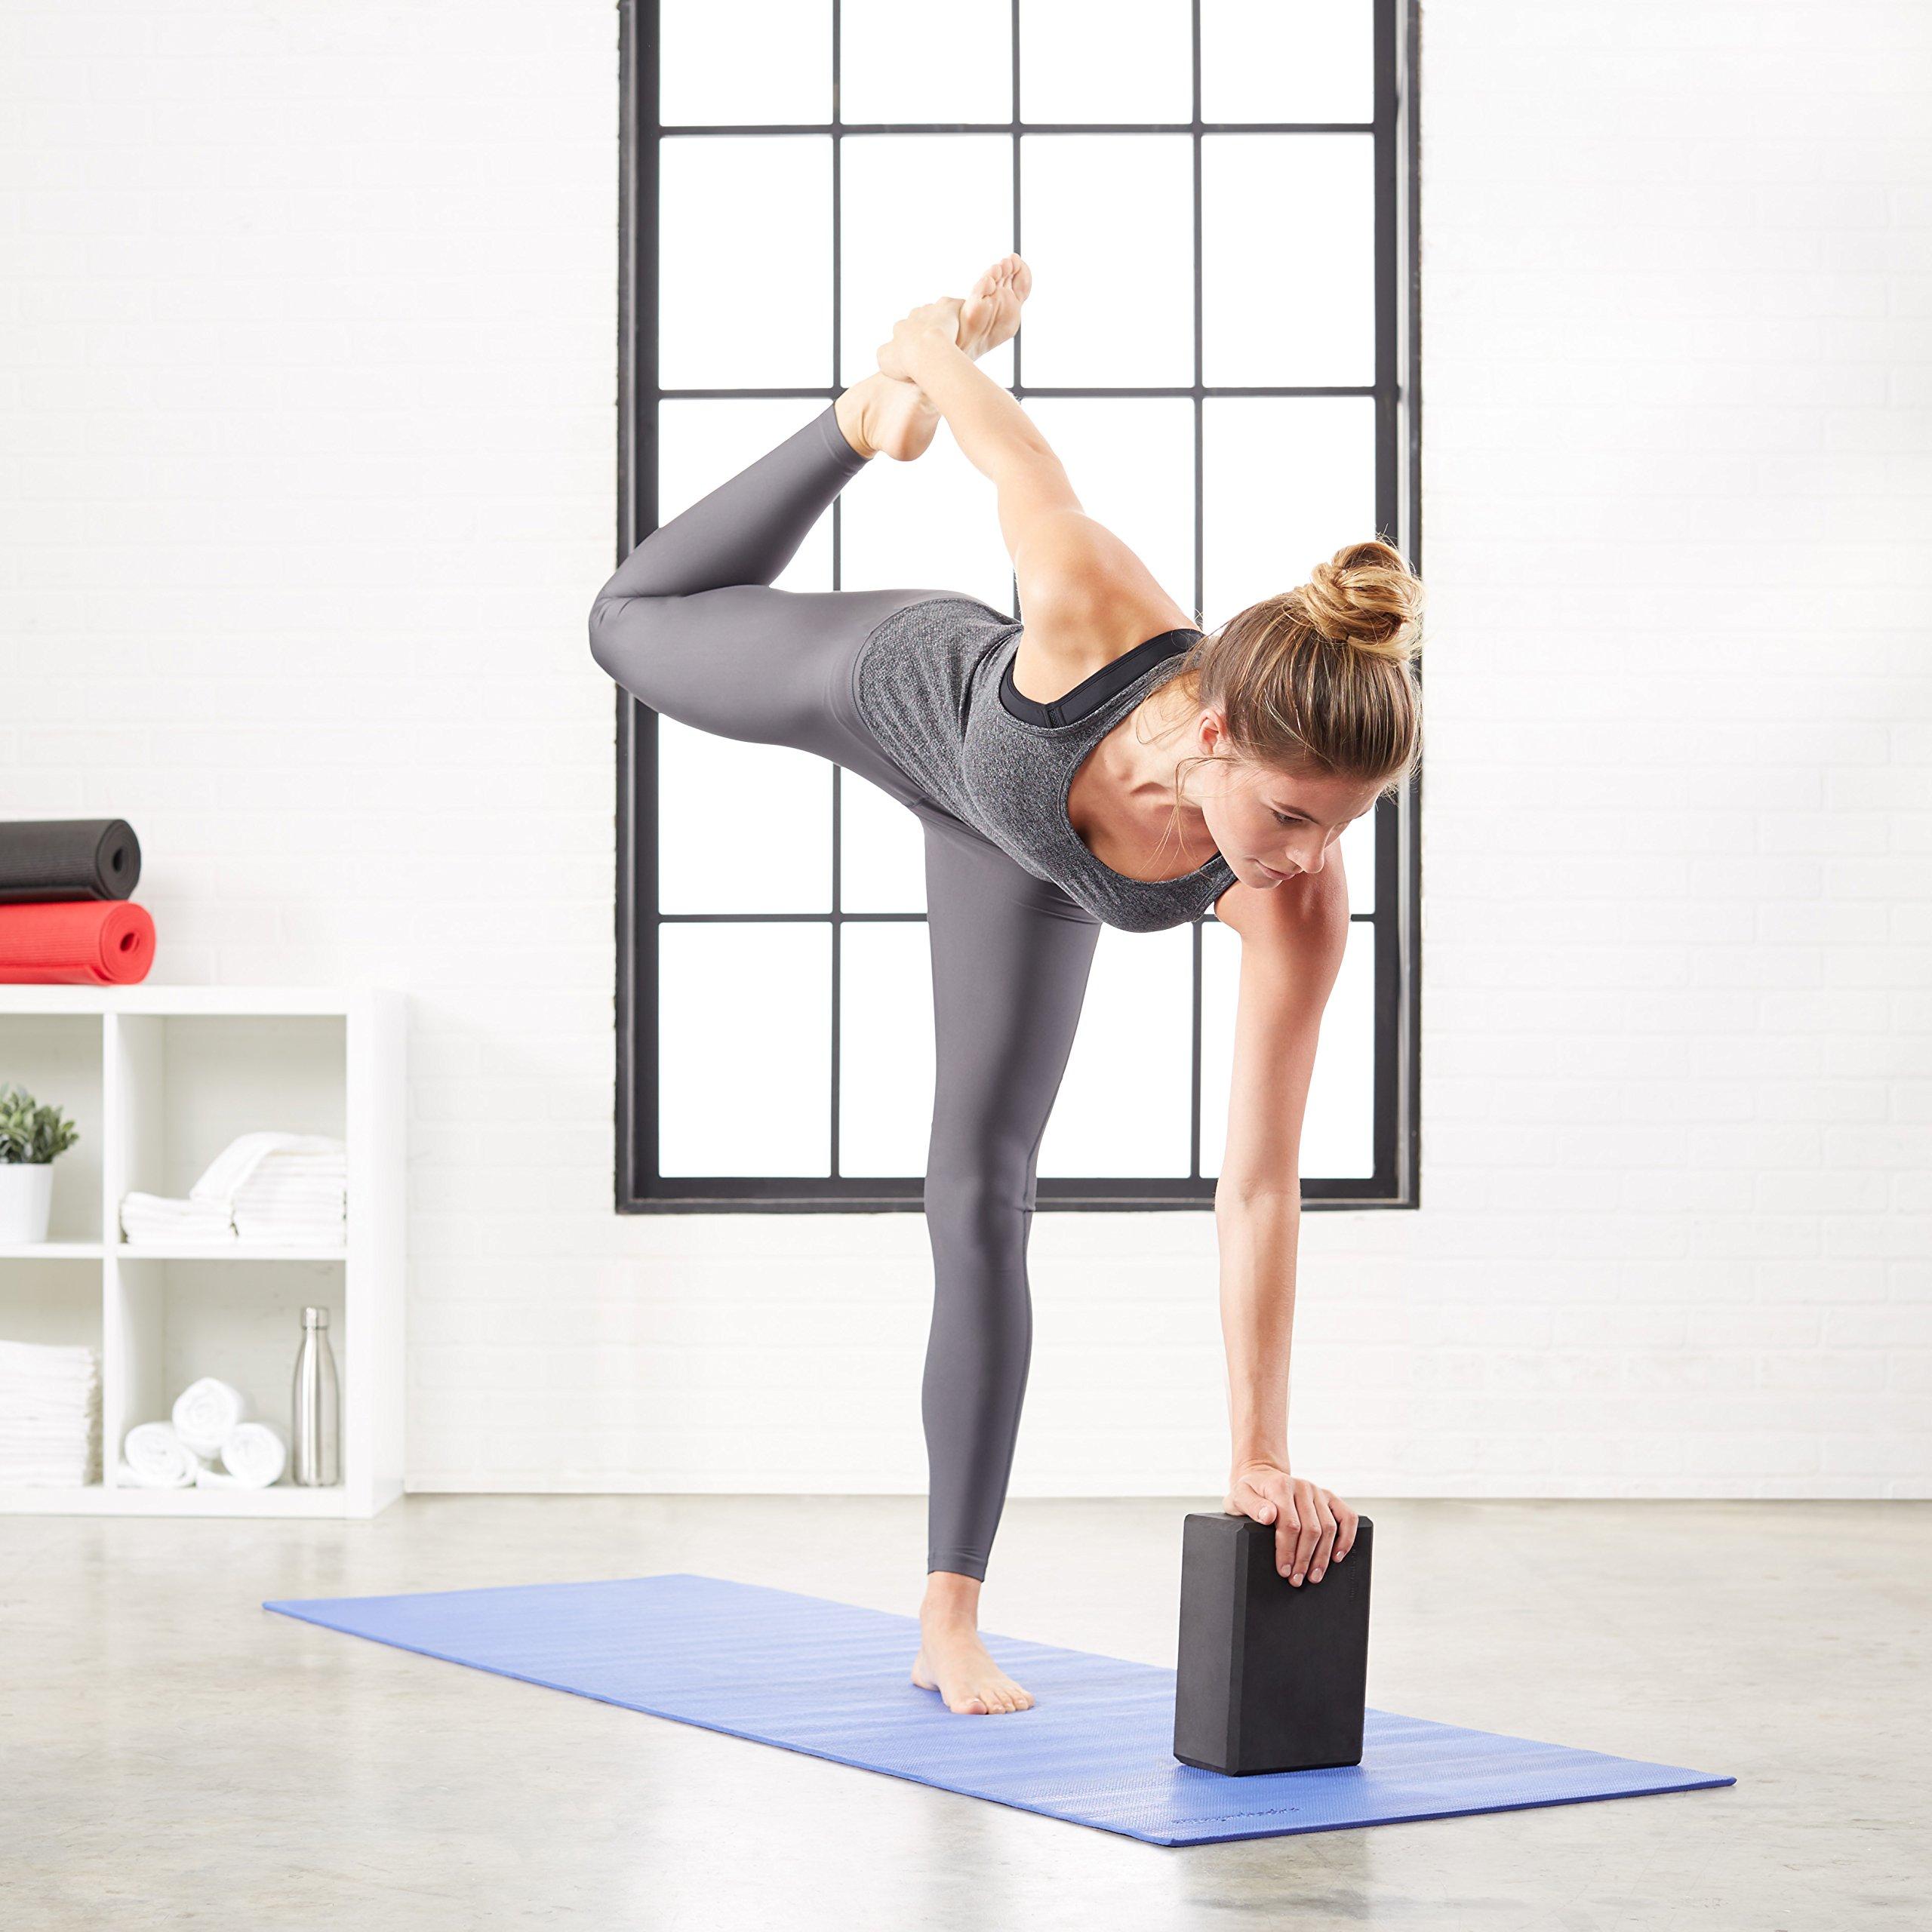 AmazonBasics Foam Yoga Blocks - 4 x 9 x 6 Inches, Set of 2, Black by AmazonBasics (Image #3)